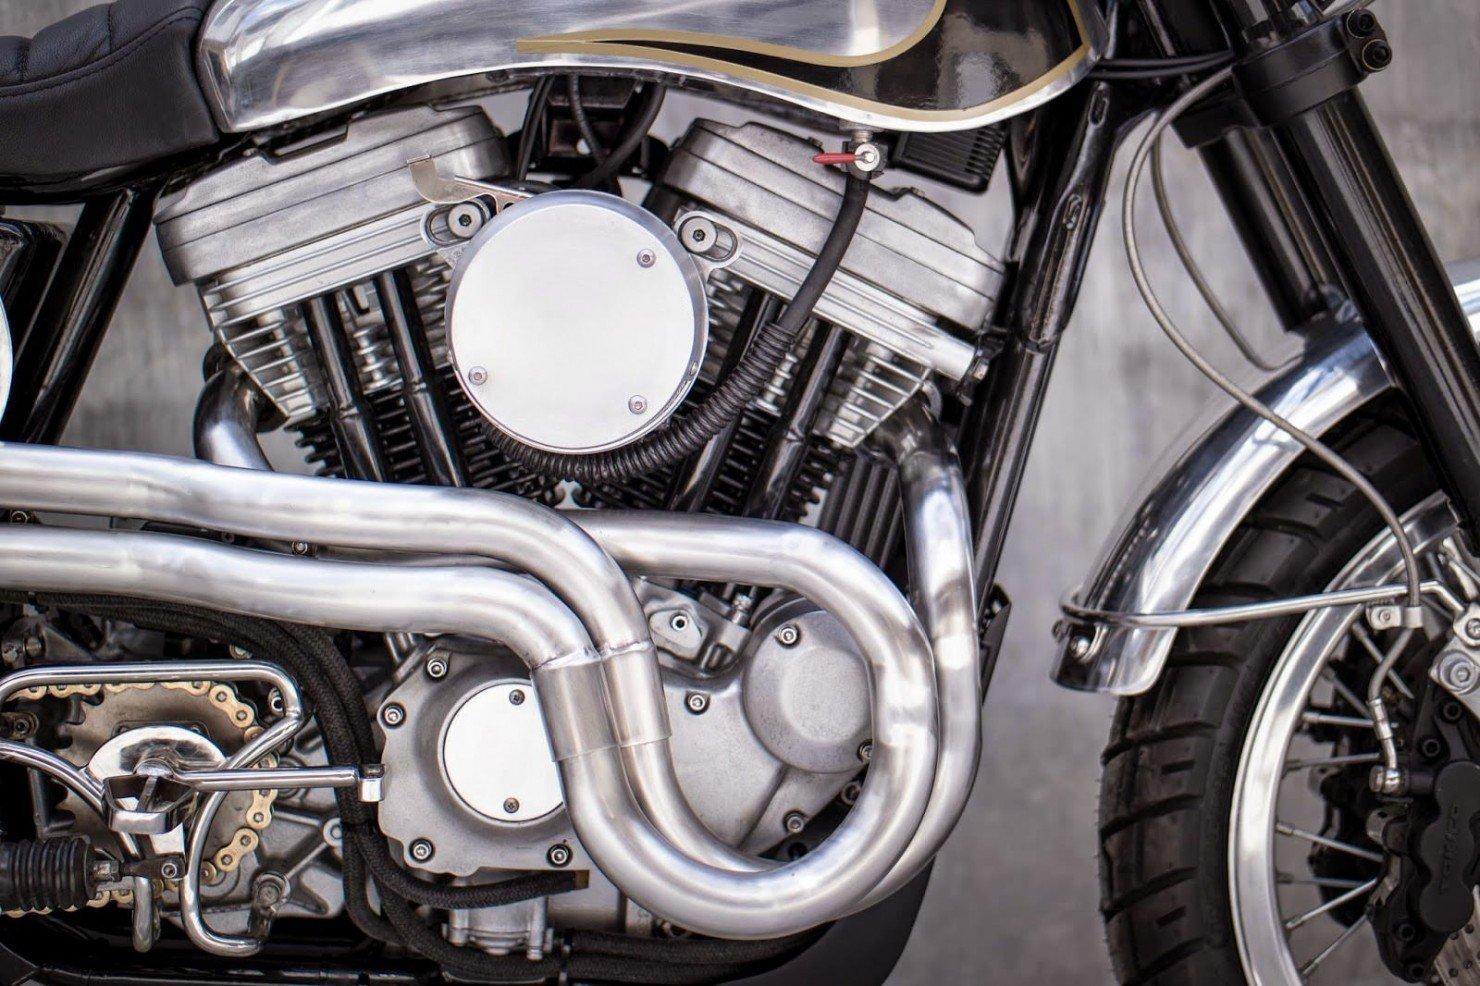 Harley-Davidson-Scrambler-Motorcycle-23